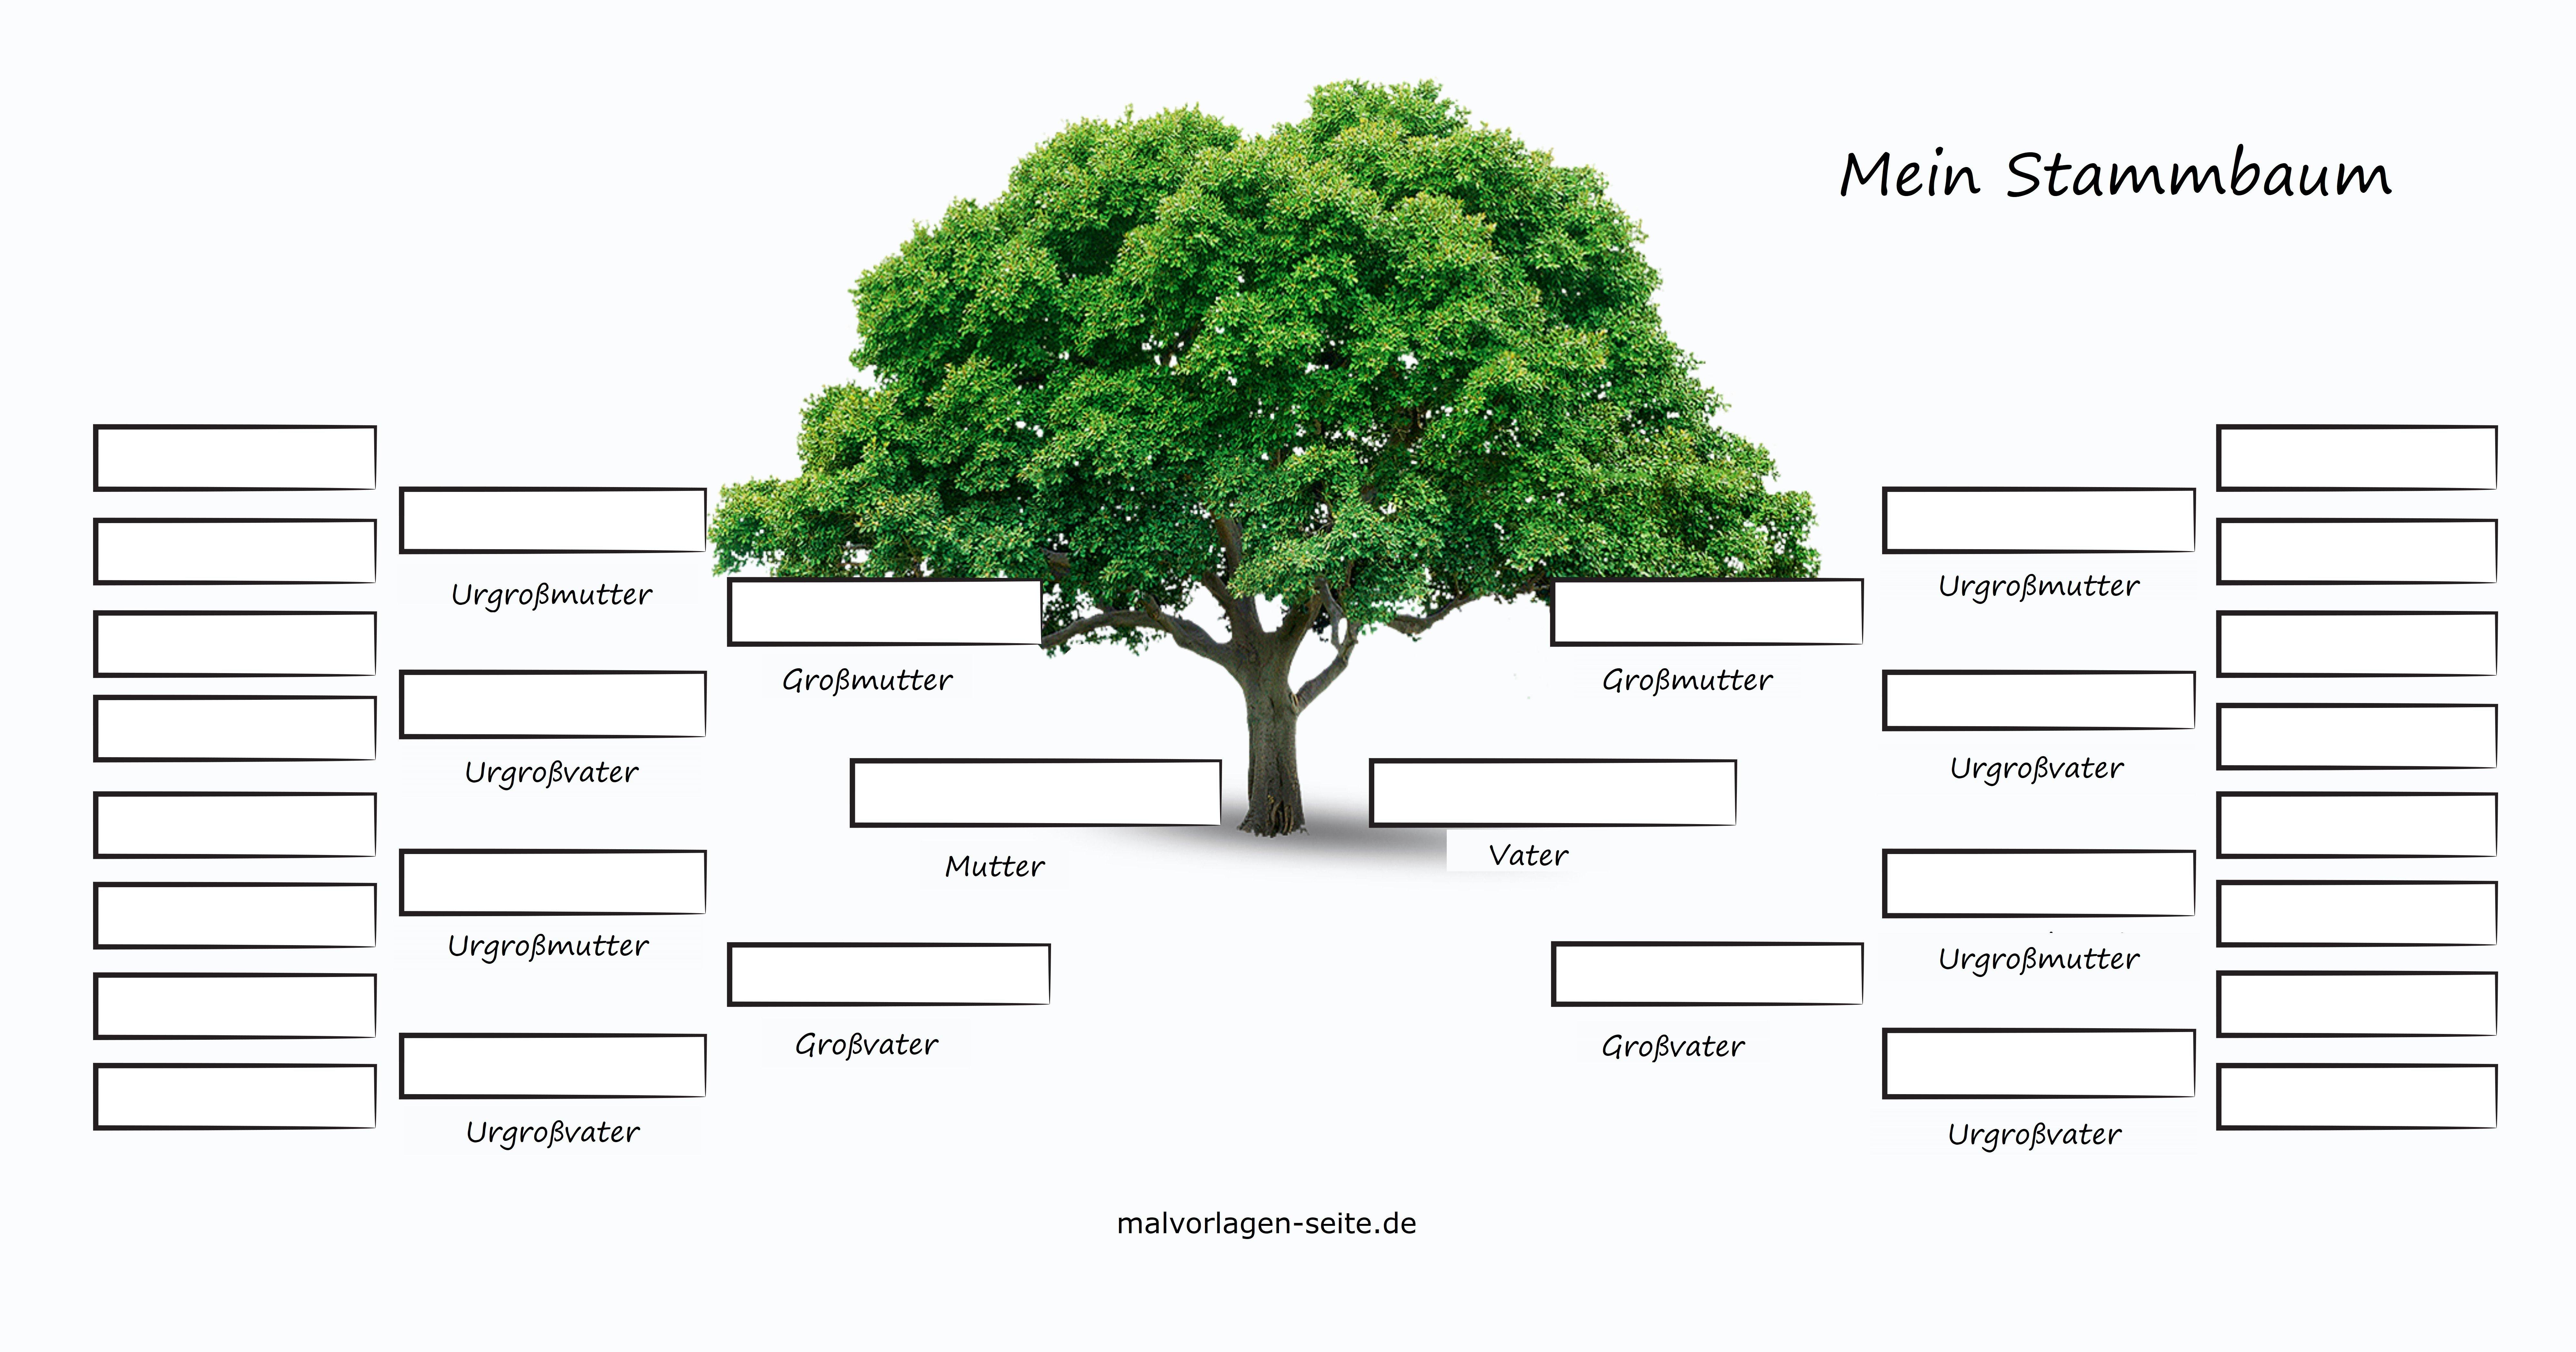 Mein Stammbaum